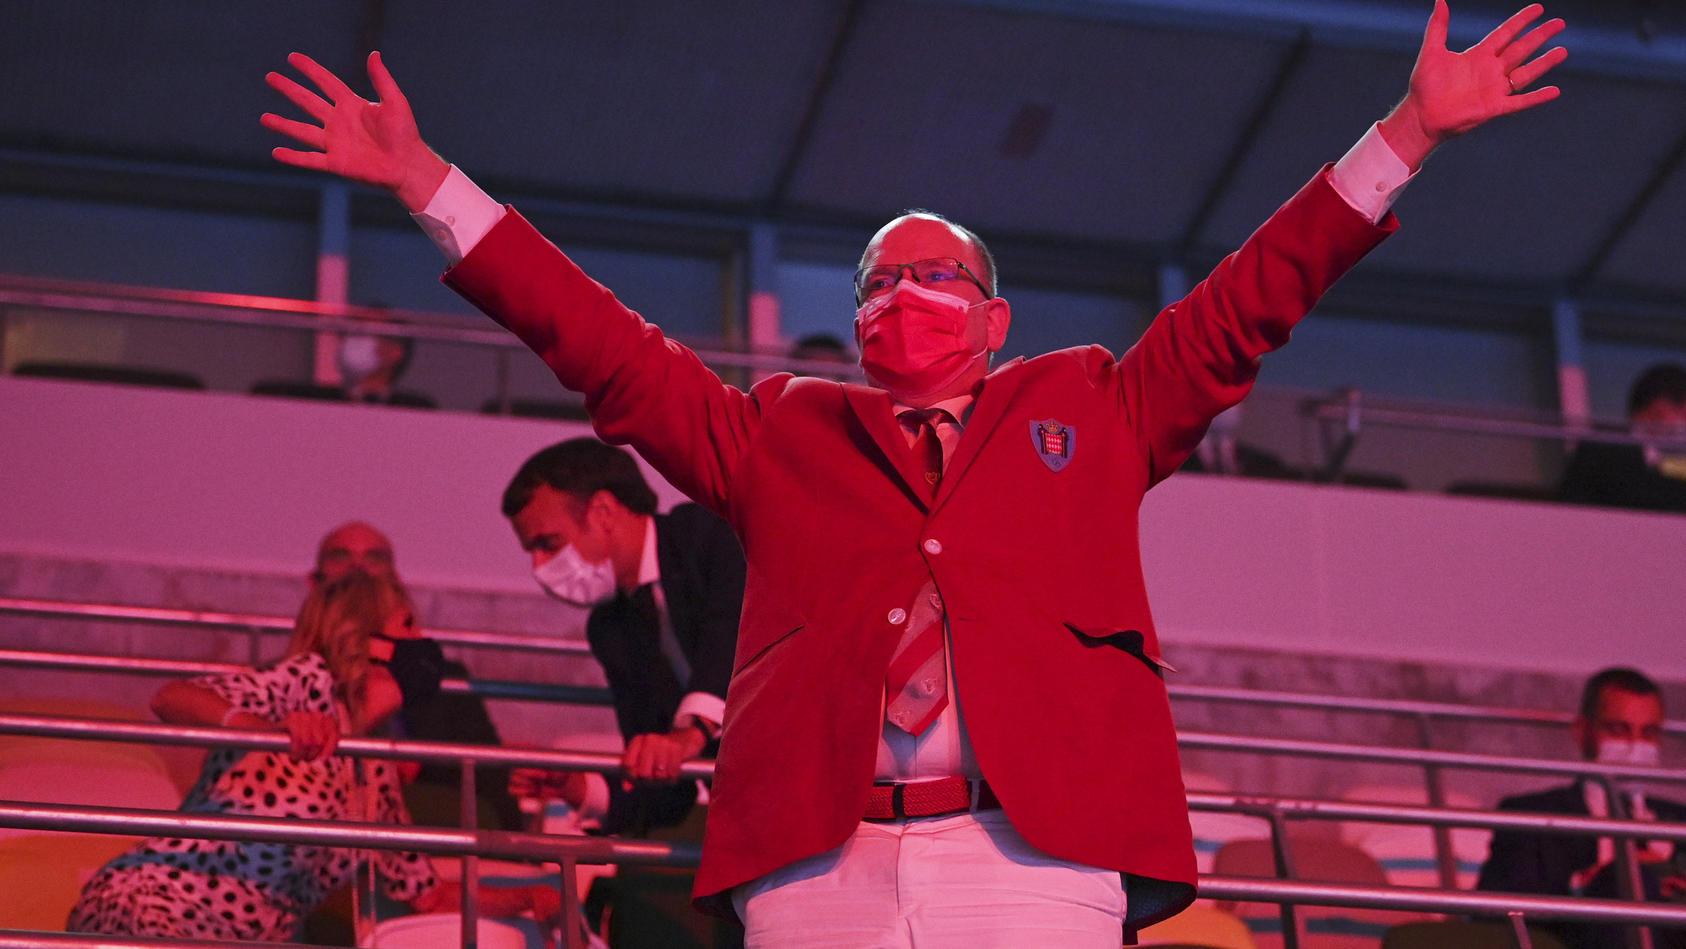 Statt seine Frau in Südafrika zu besuchen, jubelt Prinz Albert den Athletinnen und Athleten bei den Olympischen Spielen in Tokio zu.